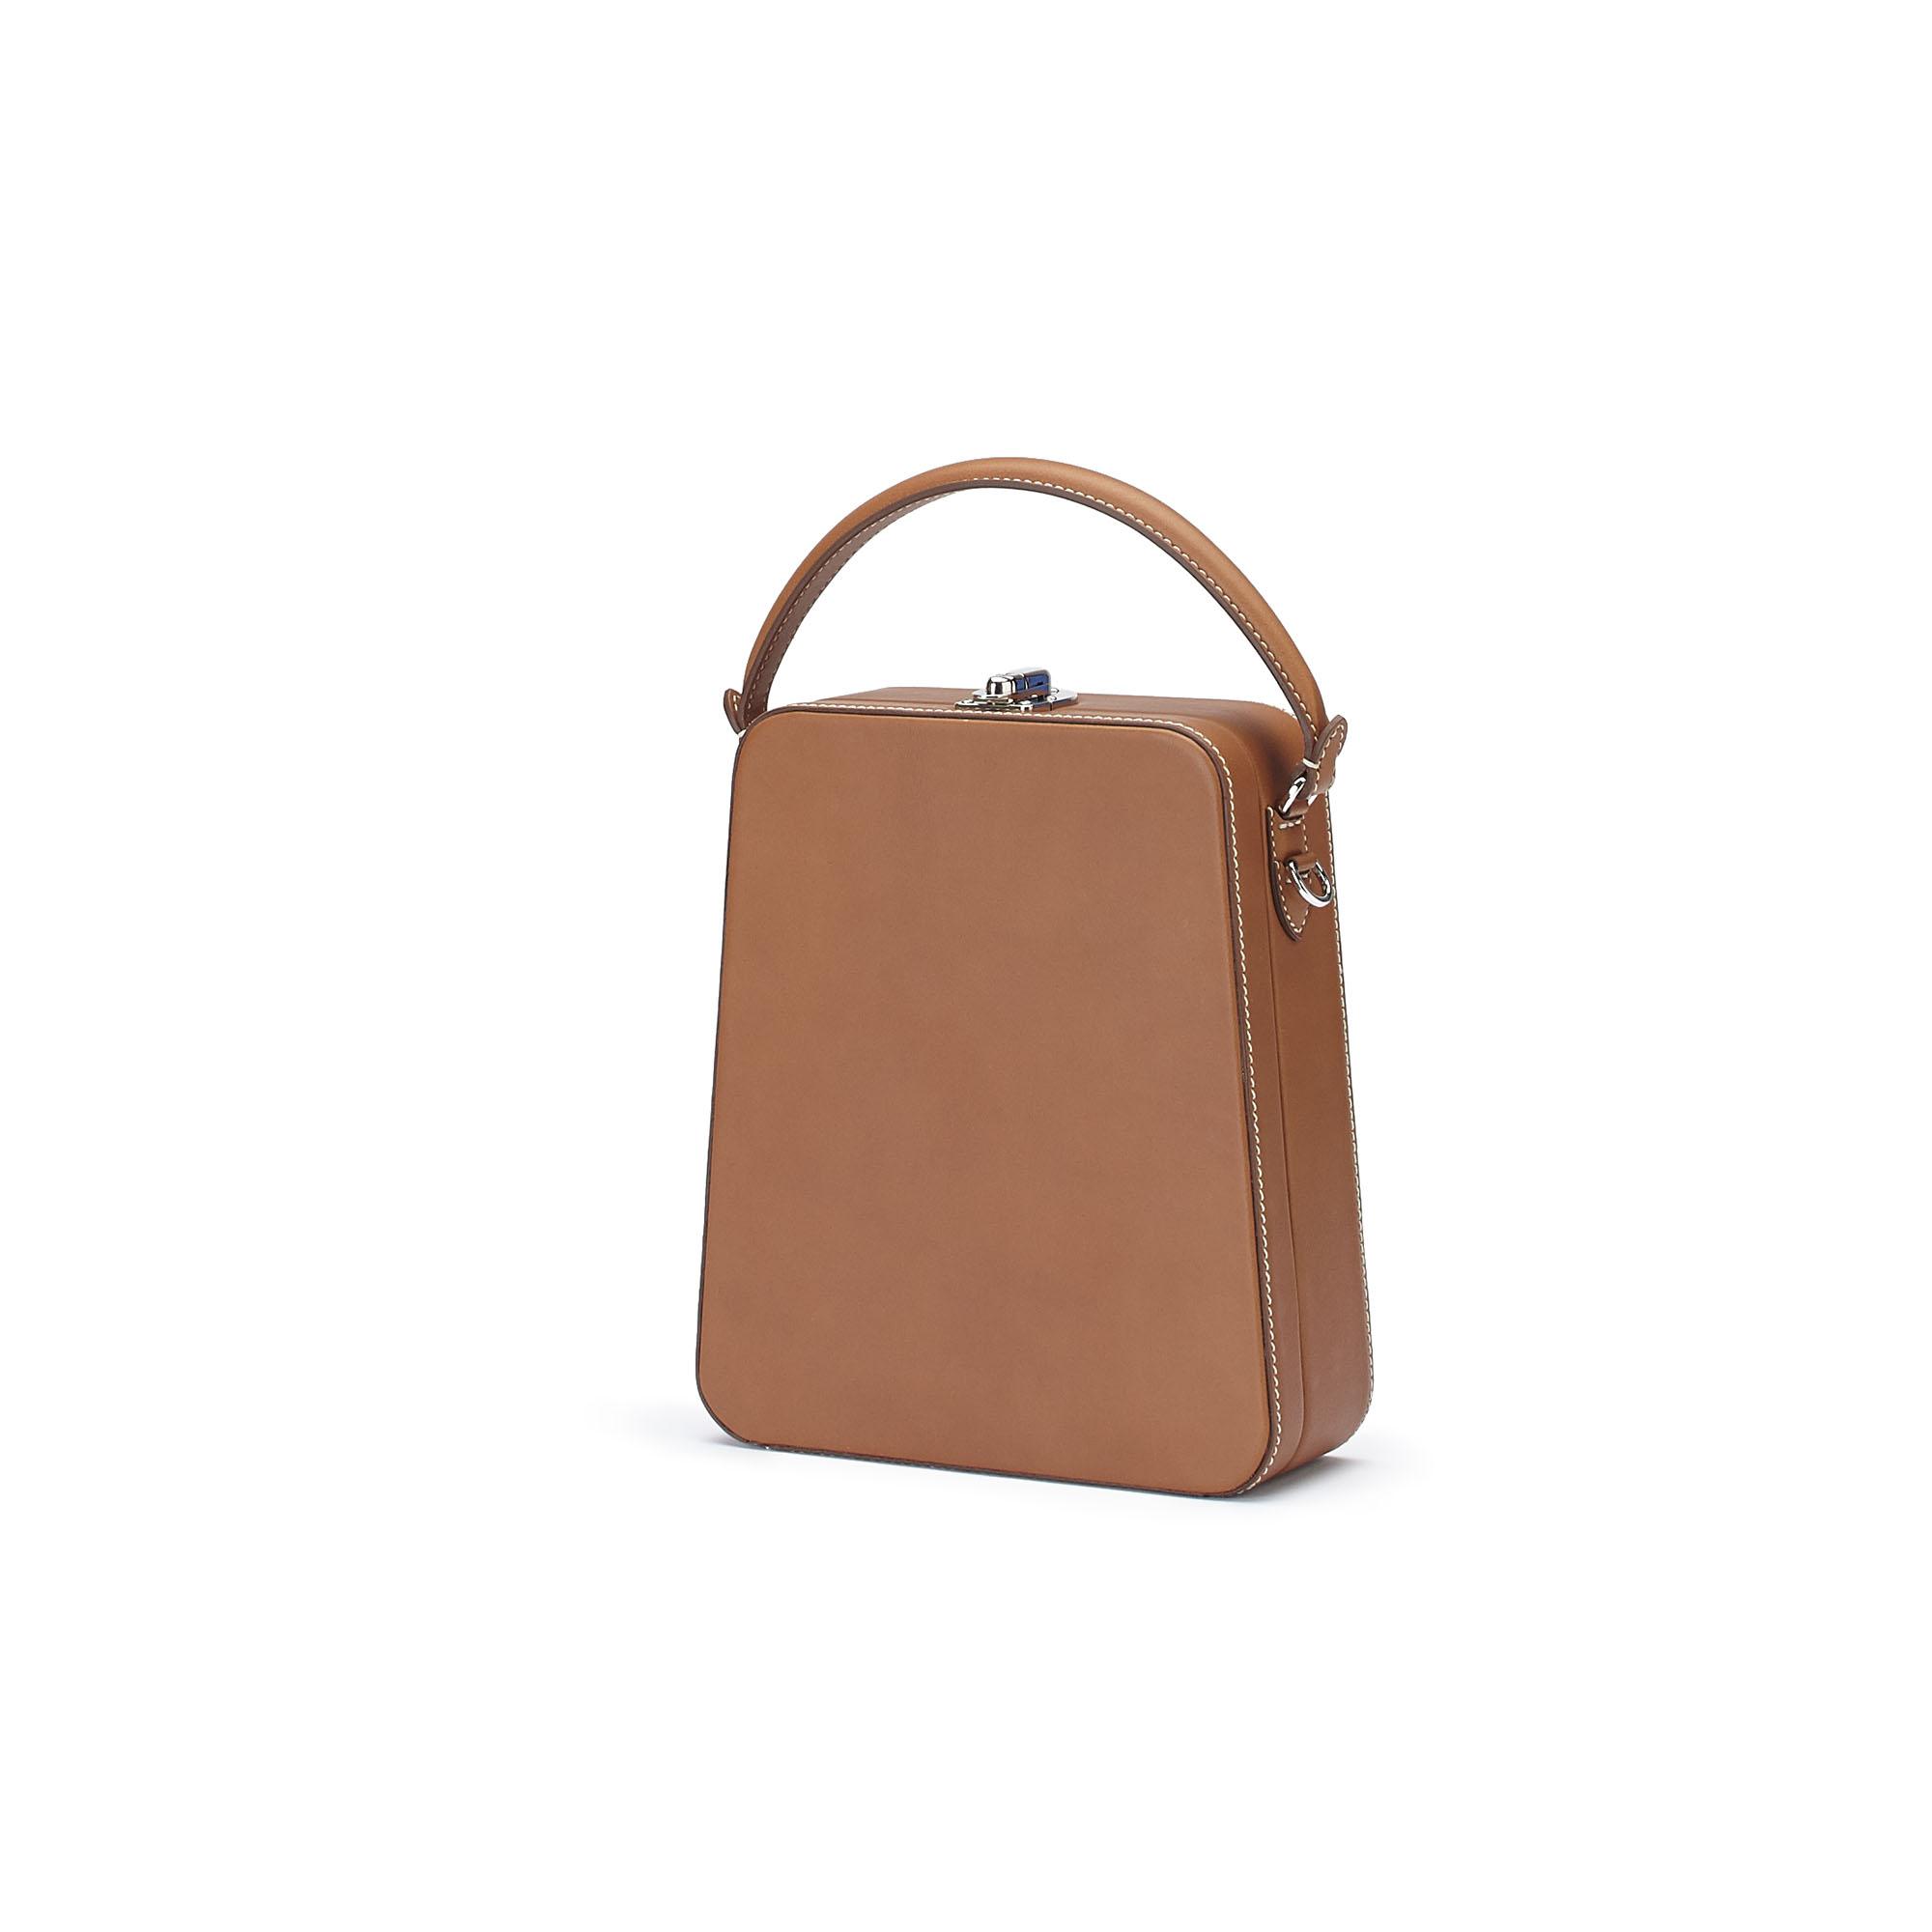 The cognac french calf Tall Bertoncina bag by Bertoni 1949 02